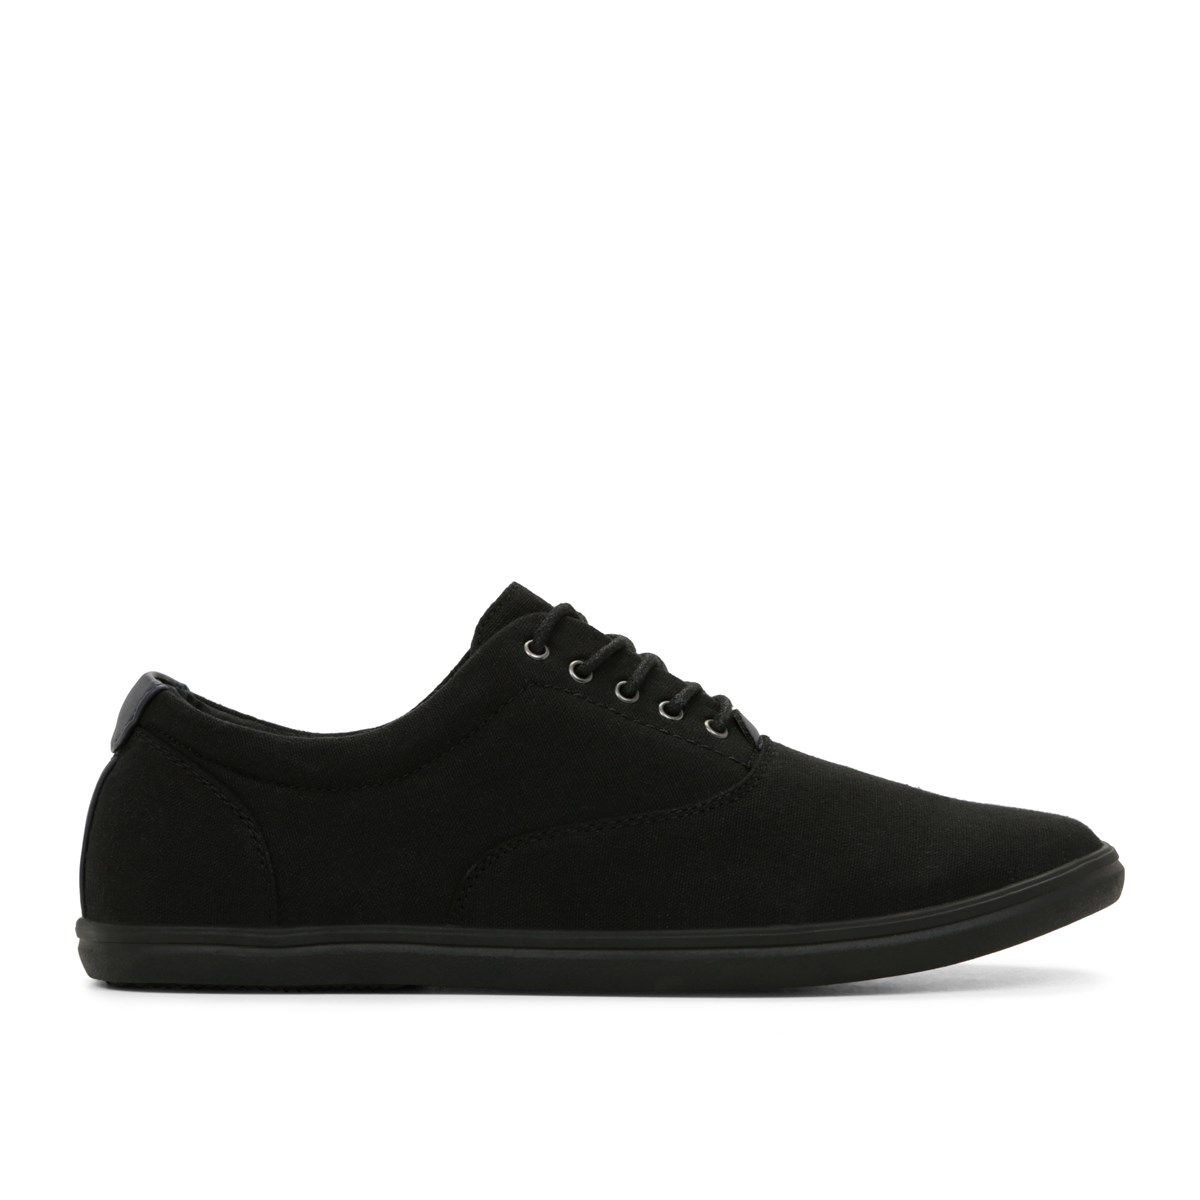 Men's Canvas Lace-up Shoe With Gum Sole